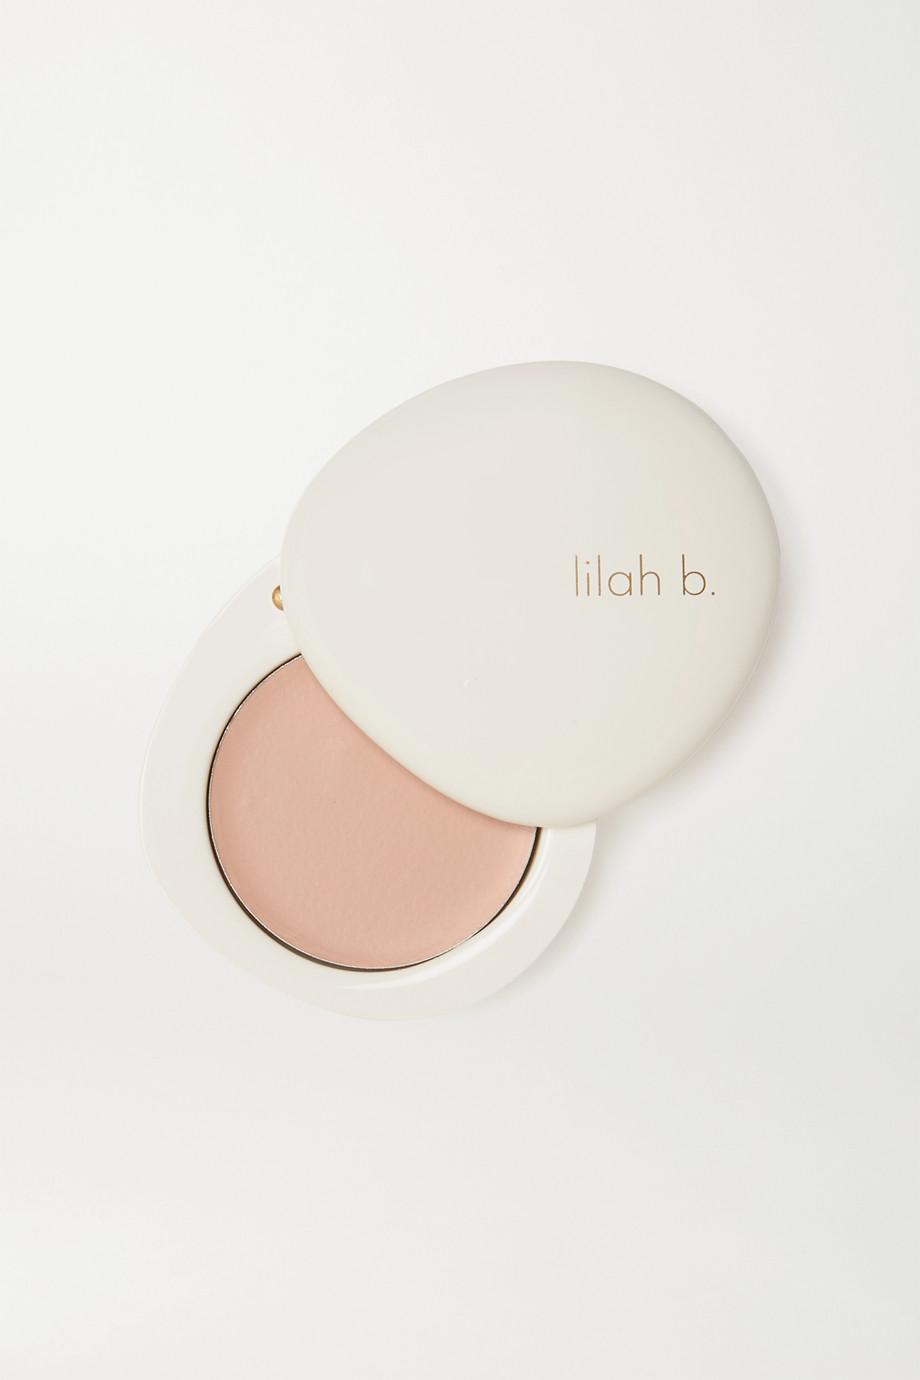 Lilah B. Virtuous Veil™ Concealer & Eye Primer – b.vibrant – Concealer